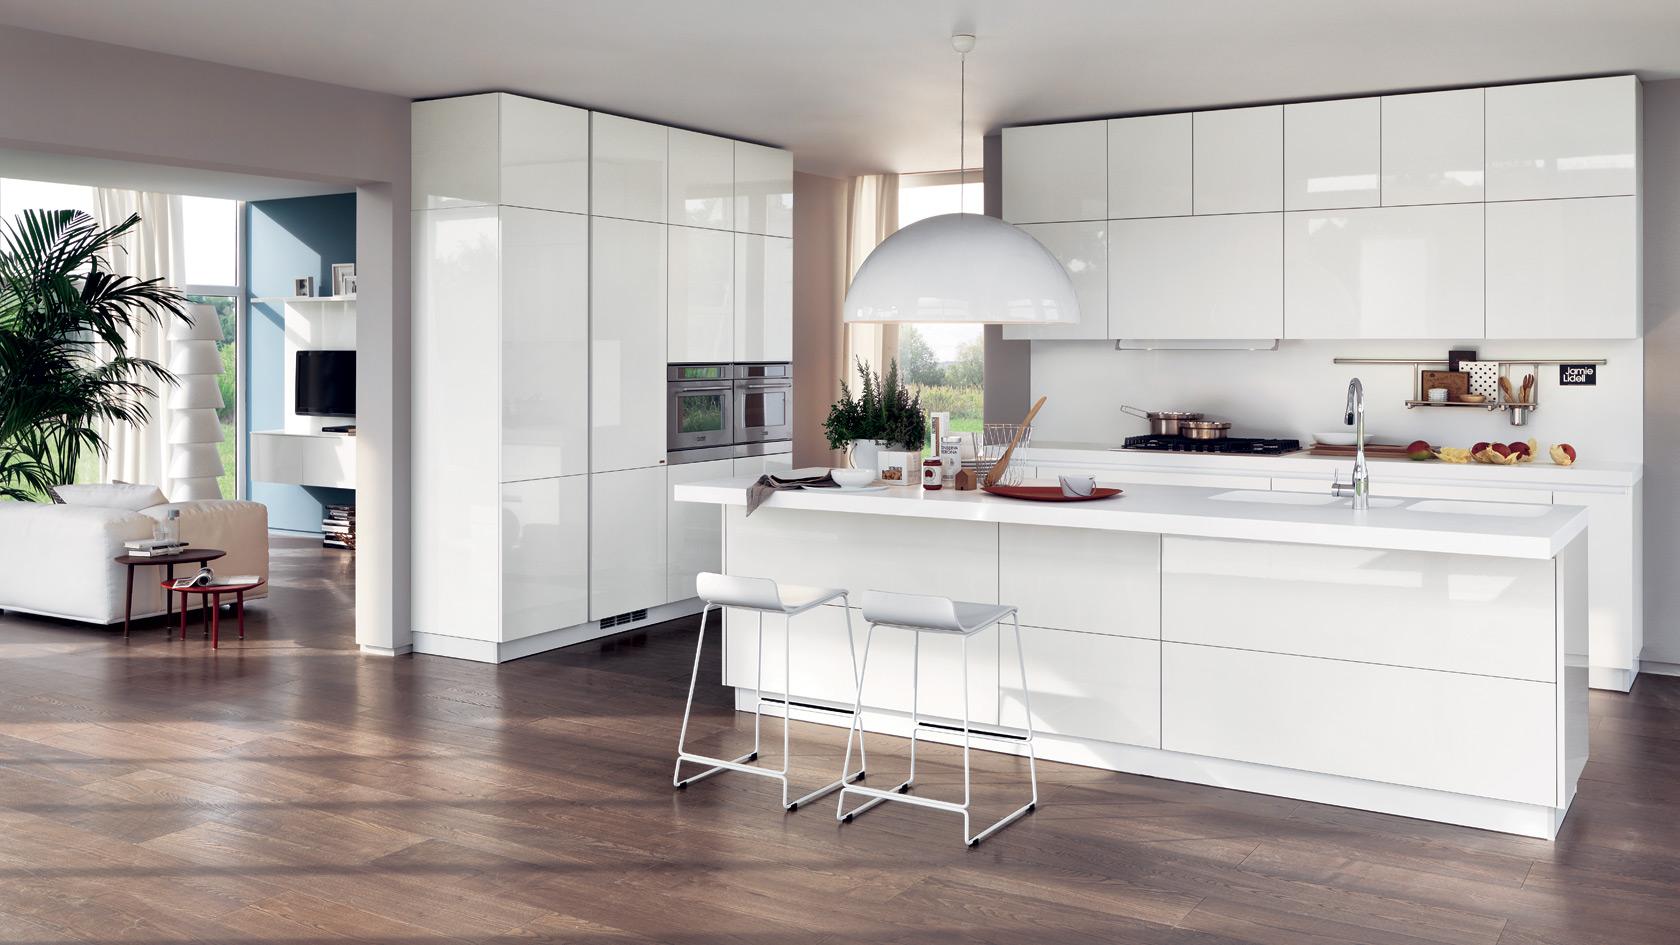 Idee Per Cucine Piccole Ad Angolo. Idee Cucina Moderna Ad ...